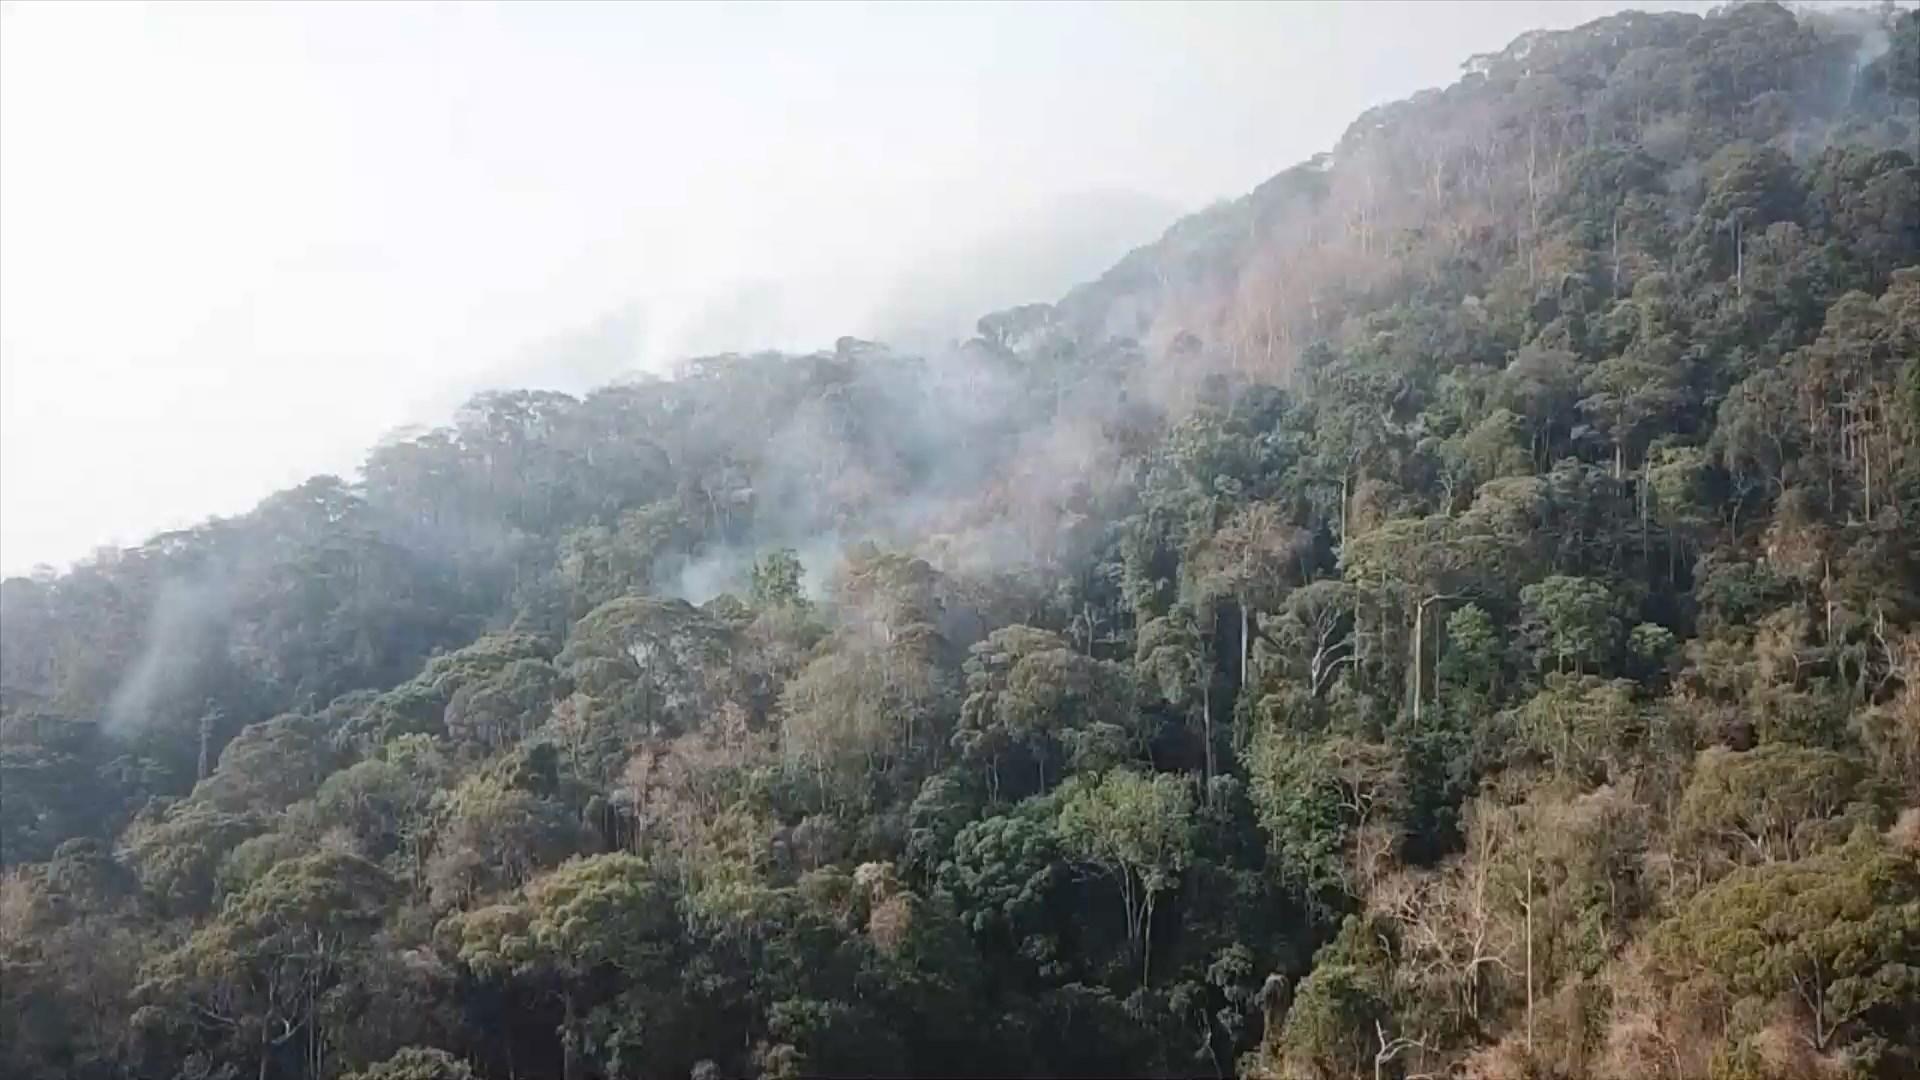 ไฟปะทุไหม้ซ้ำป่าดอยสุเทพหลังน้ำตกมณฑาธาร หลังวานนี้ดับแล้ว